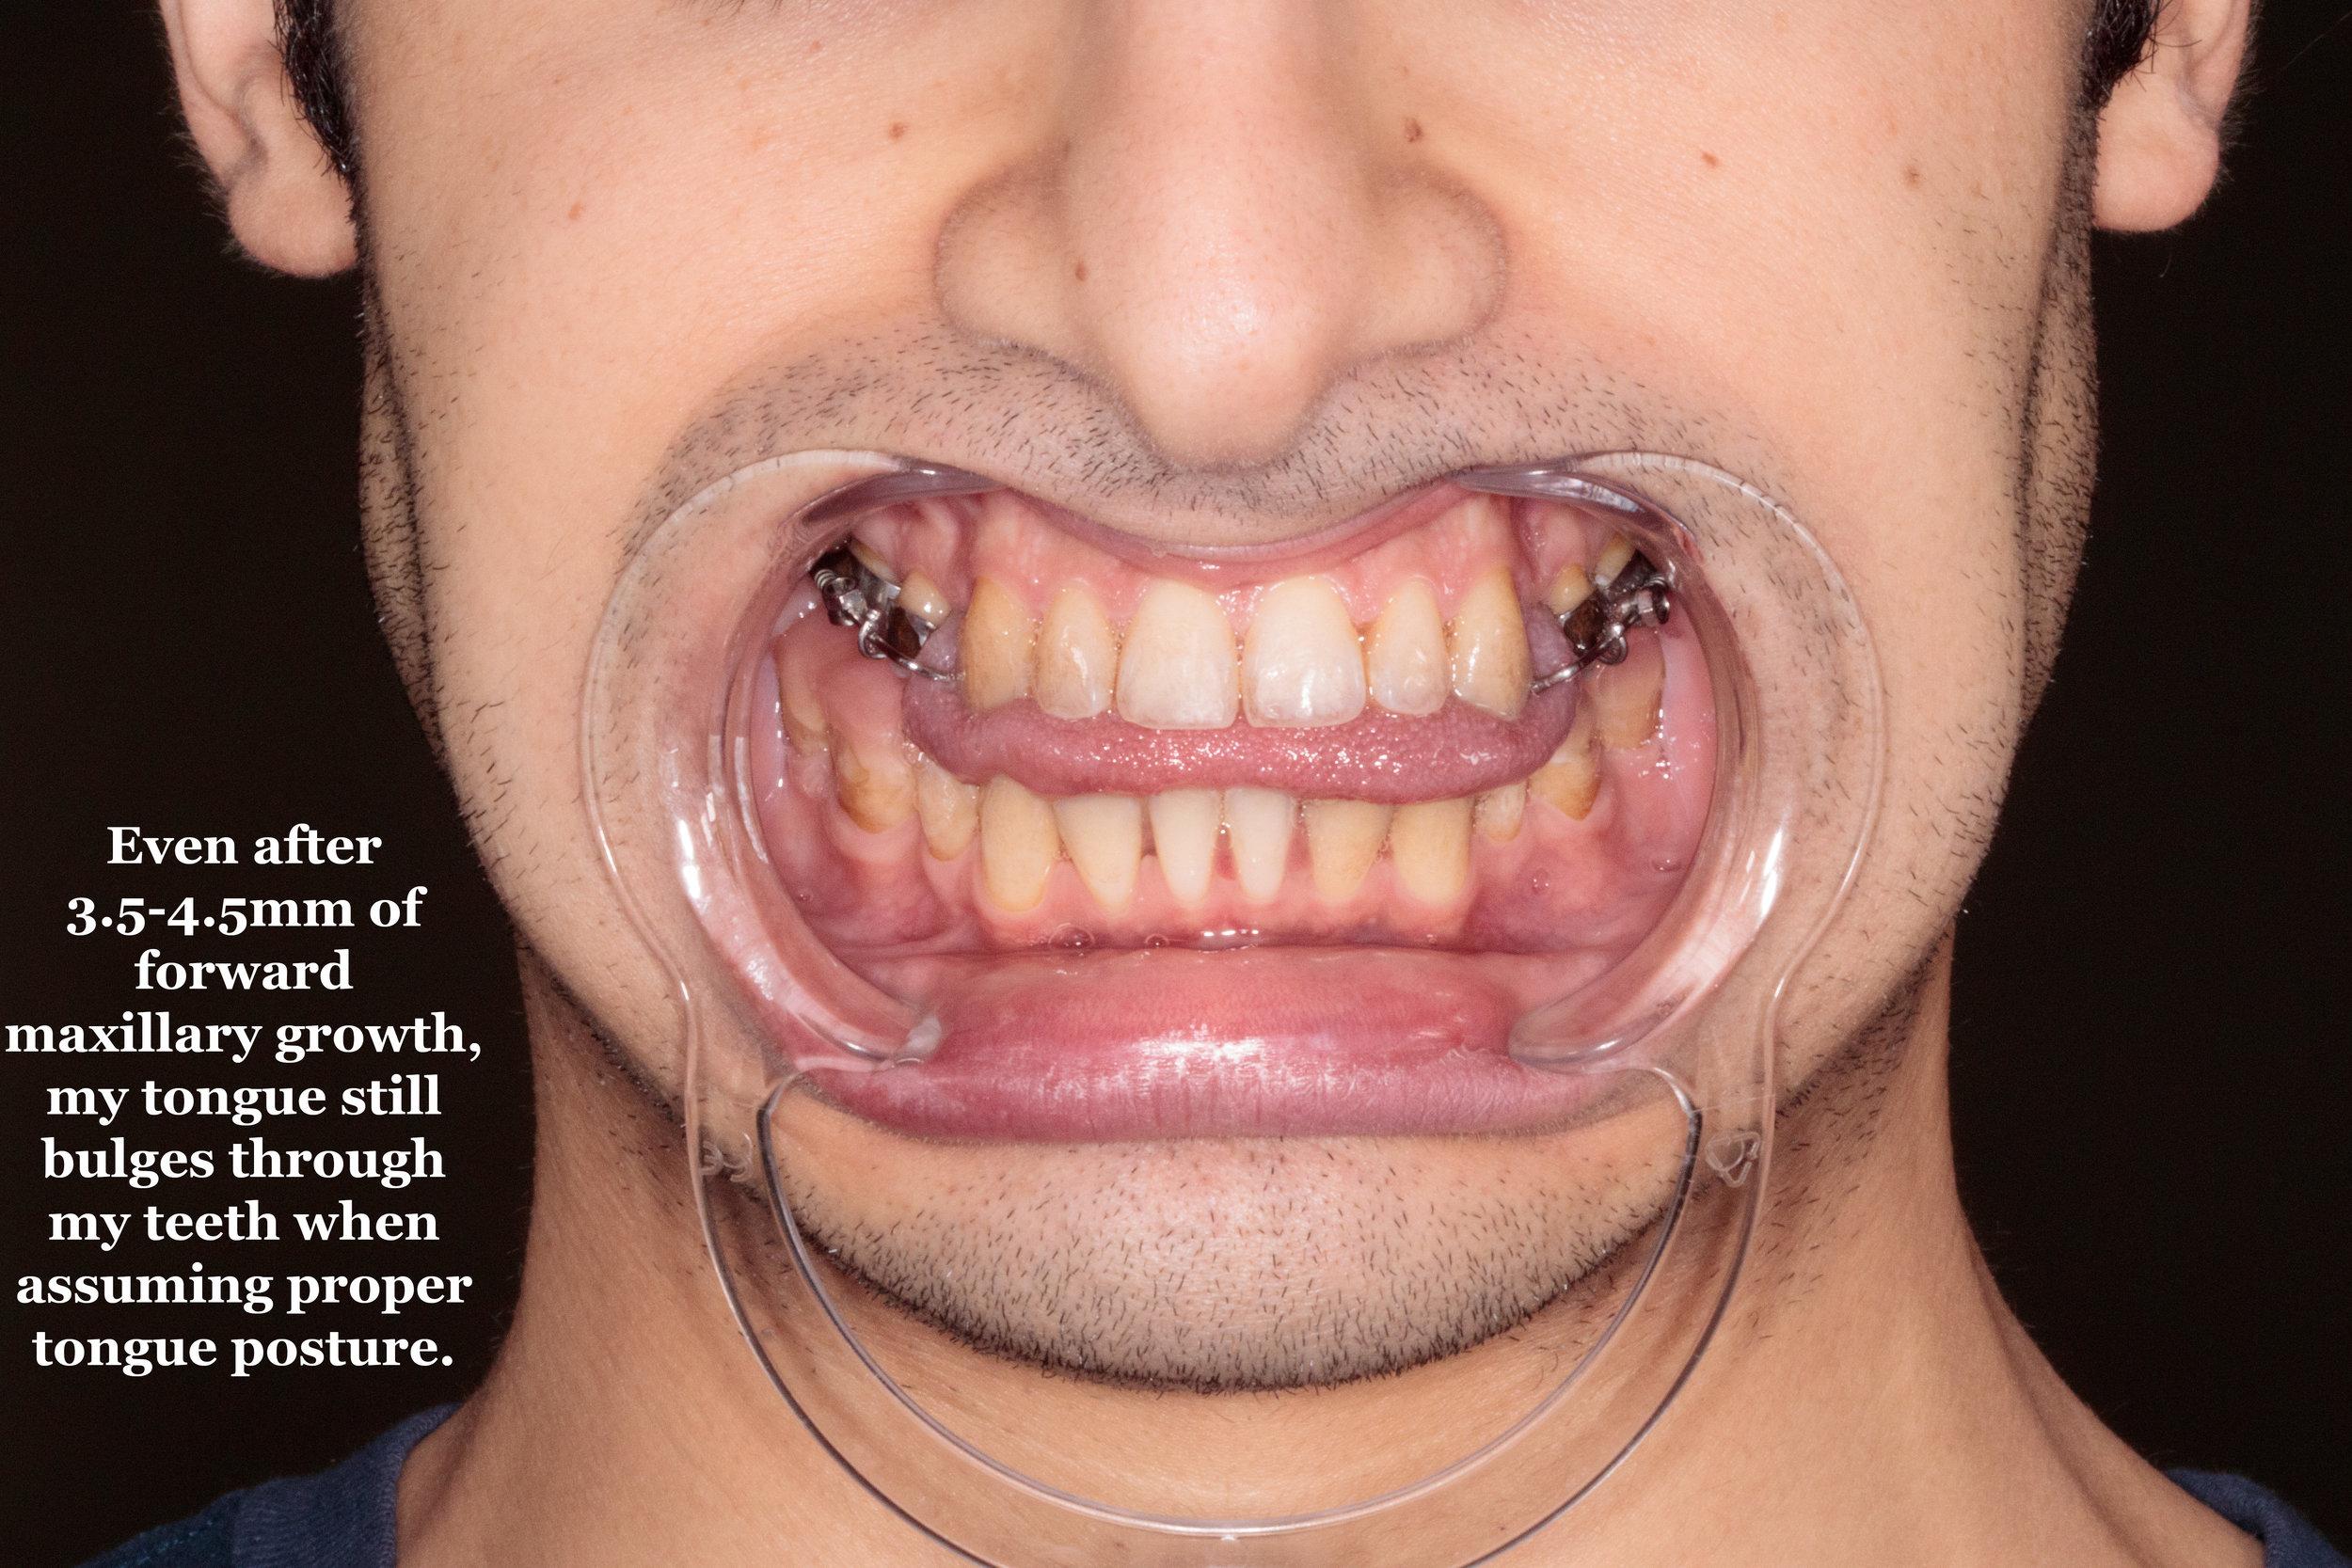 Proper Tongue Posture